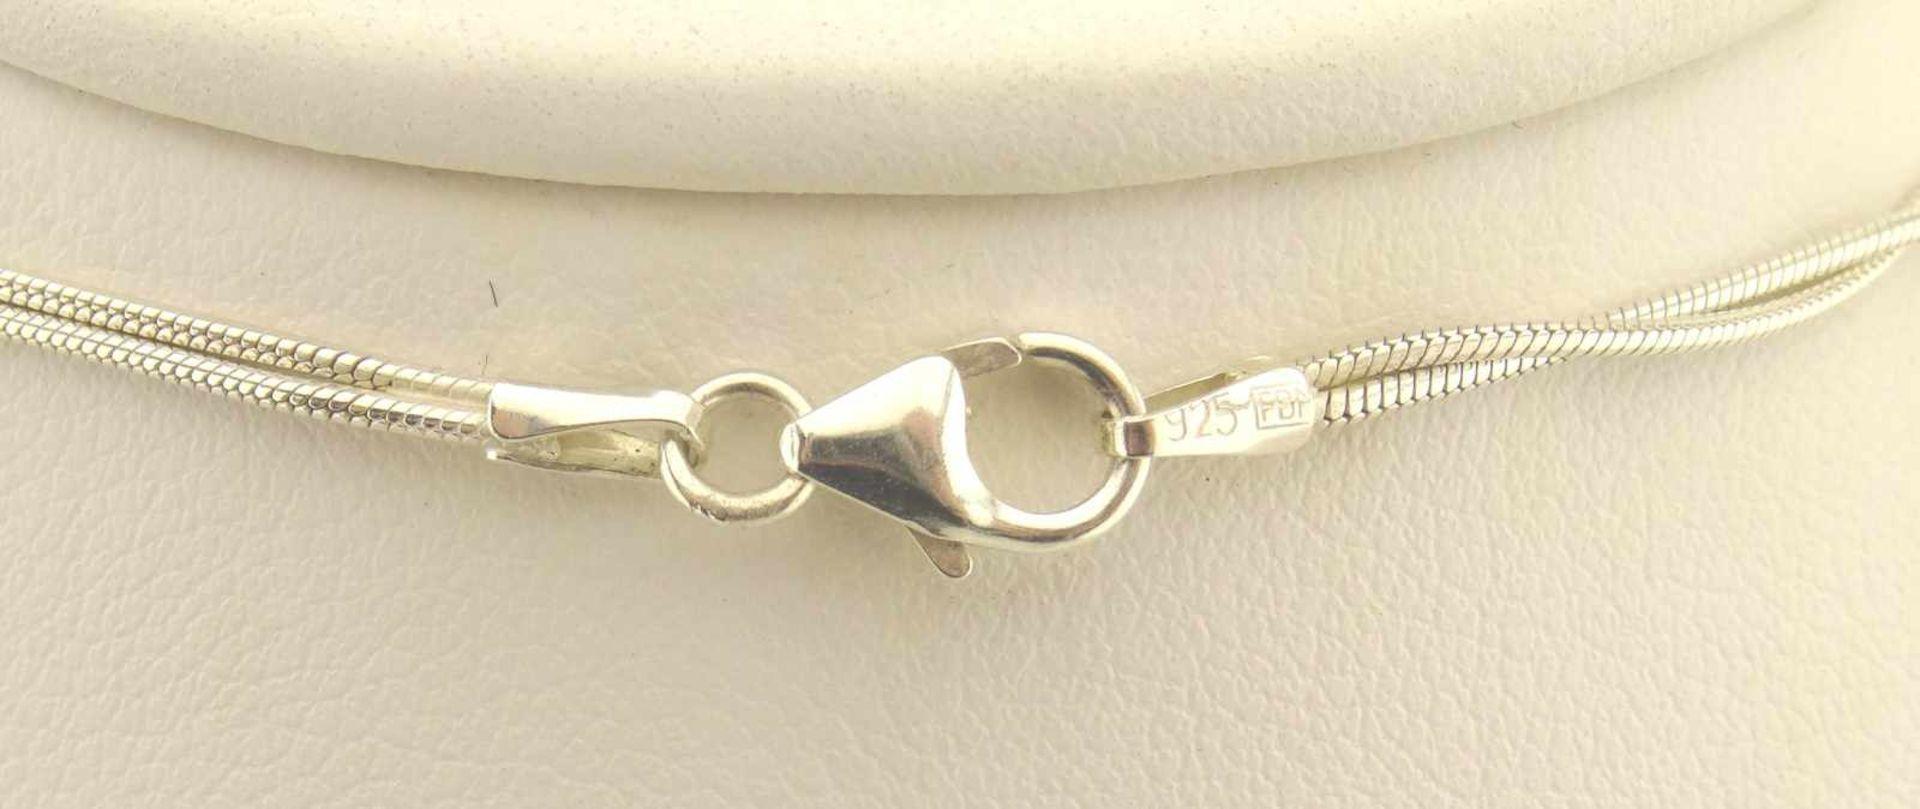 Los 35 - Collier 925 Silber 2-reihig mit 8 SWZP Durchmesser ca. 7mm, Zirkonia in Zargenfassung , Länge ca.